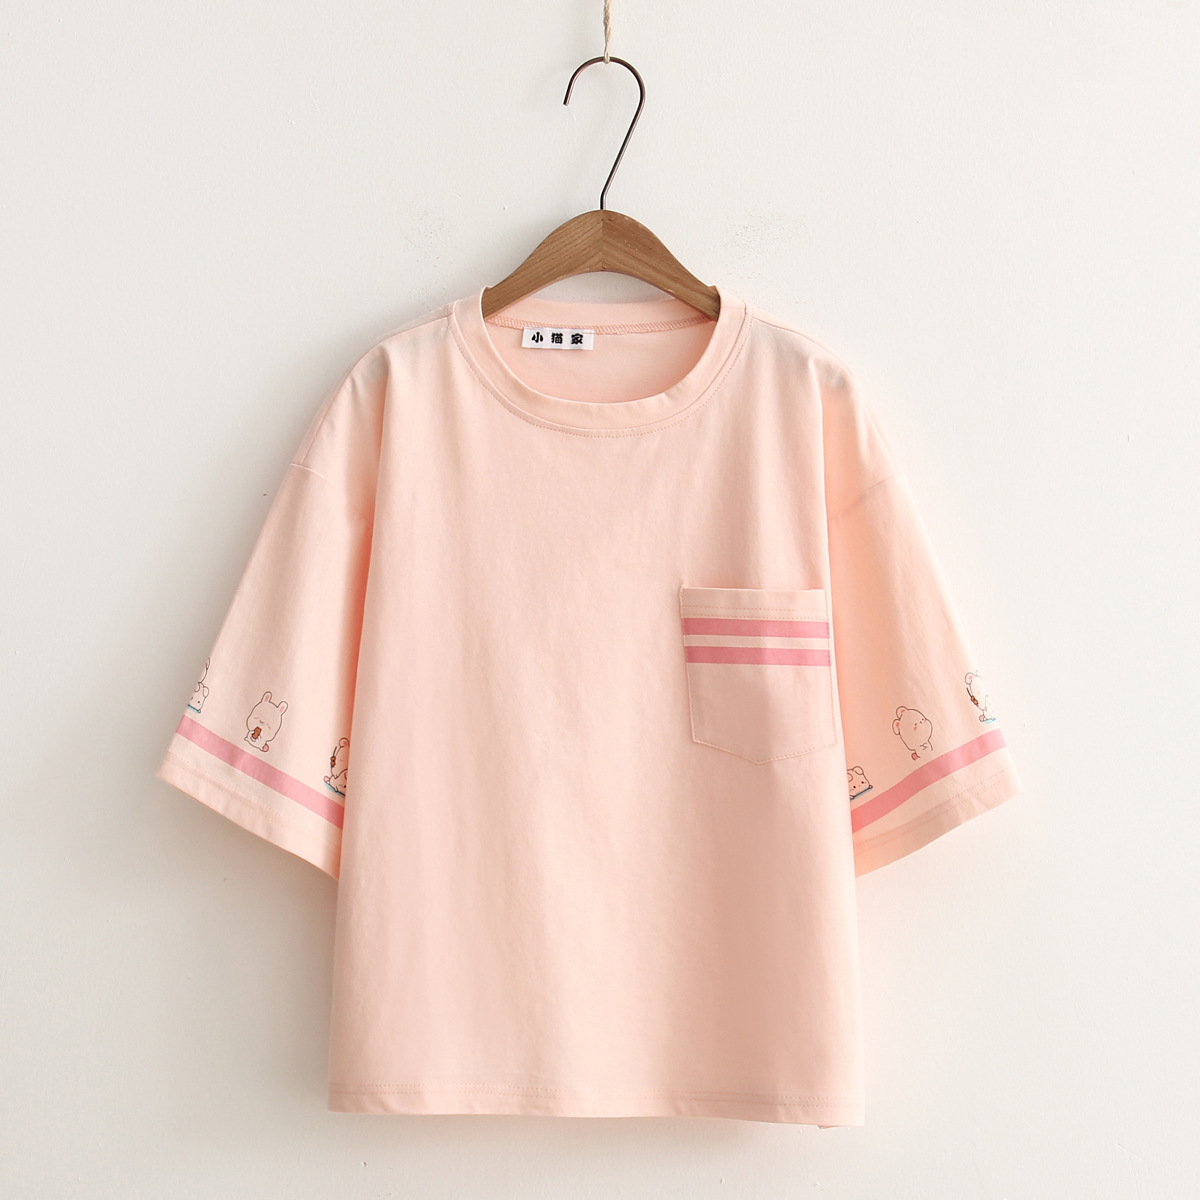 2020 verão moda t camisa mulher tshirt